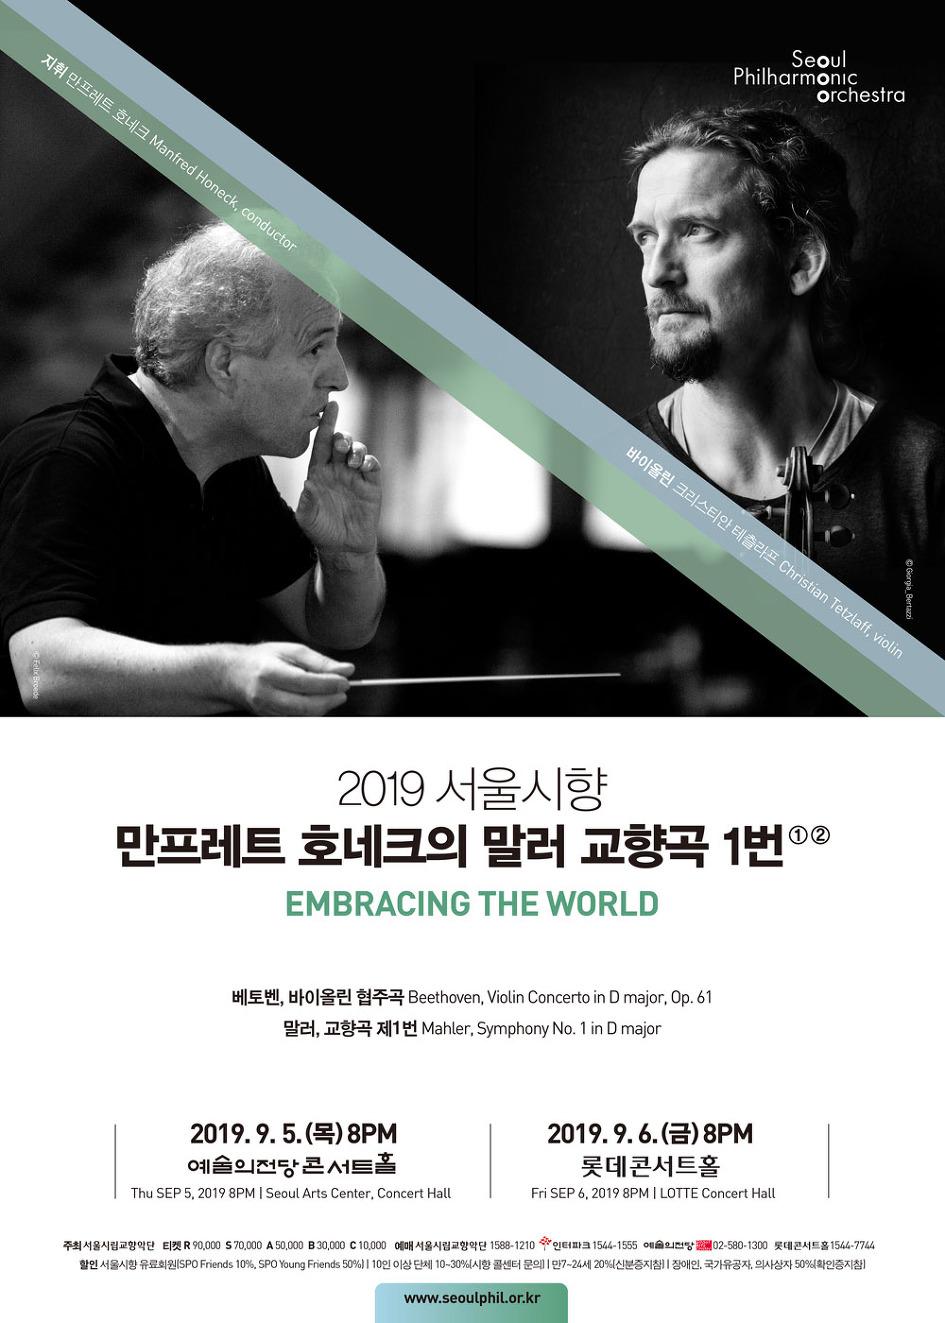 2019 서울시향 만프레트 호네크의 말러 교향곡 1번/2019.9.6.금/롯데콘서트홀